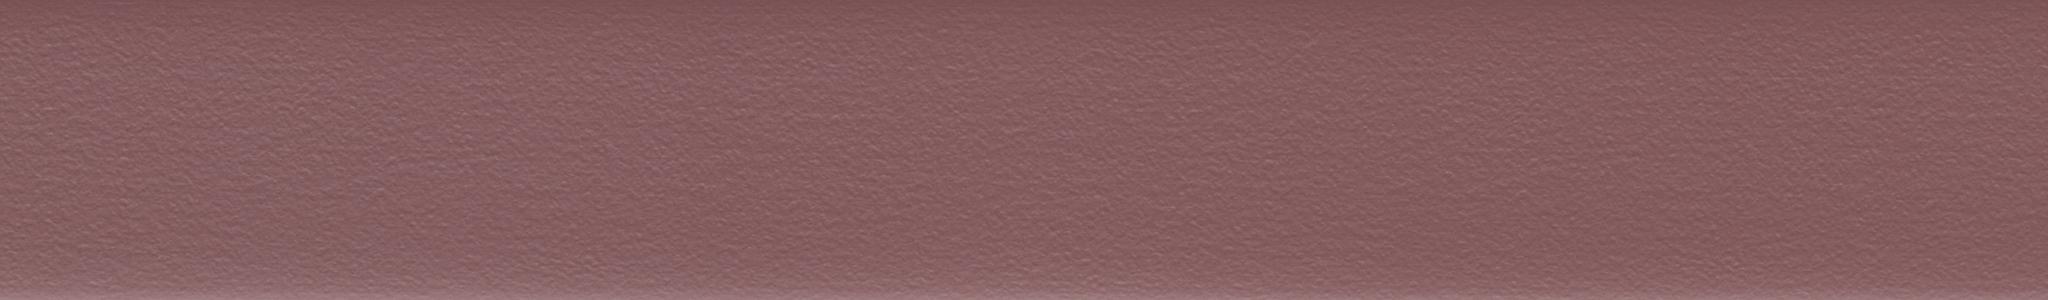 HU 185234 ABS hrana hnědá perla jemná 107